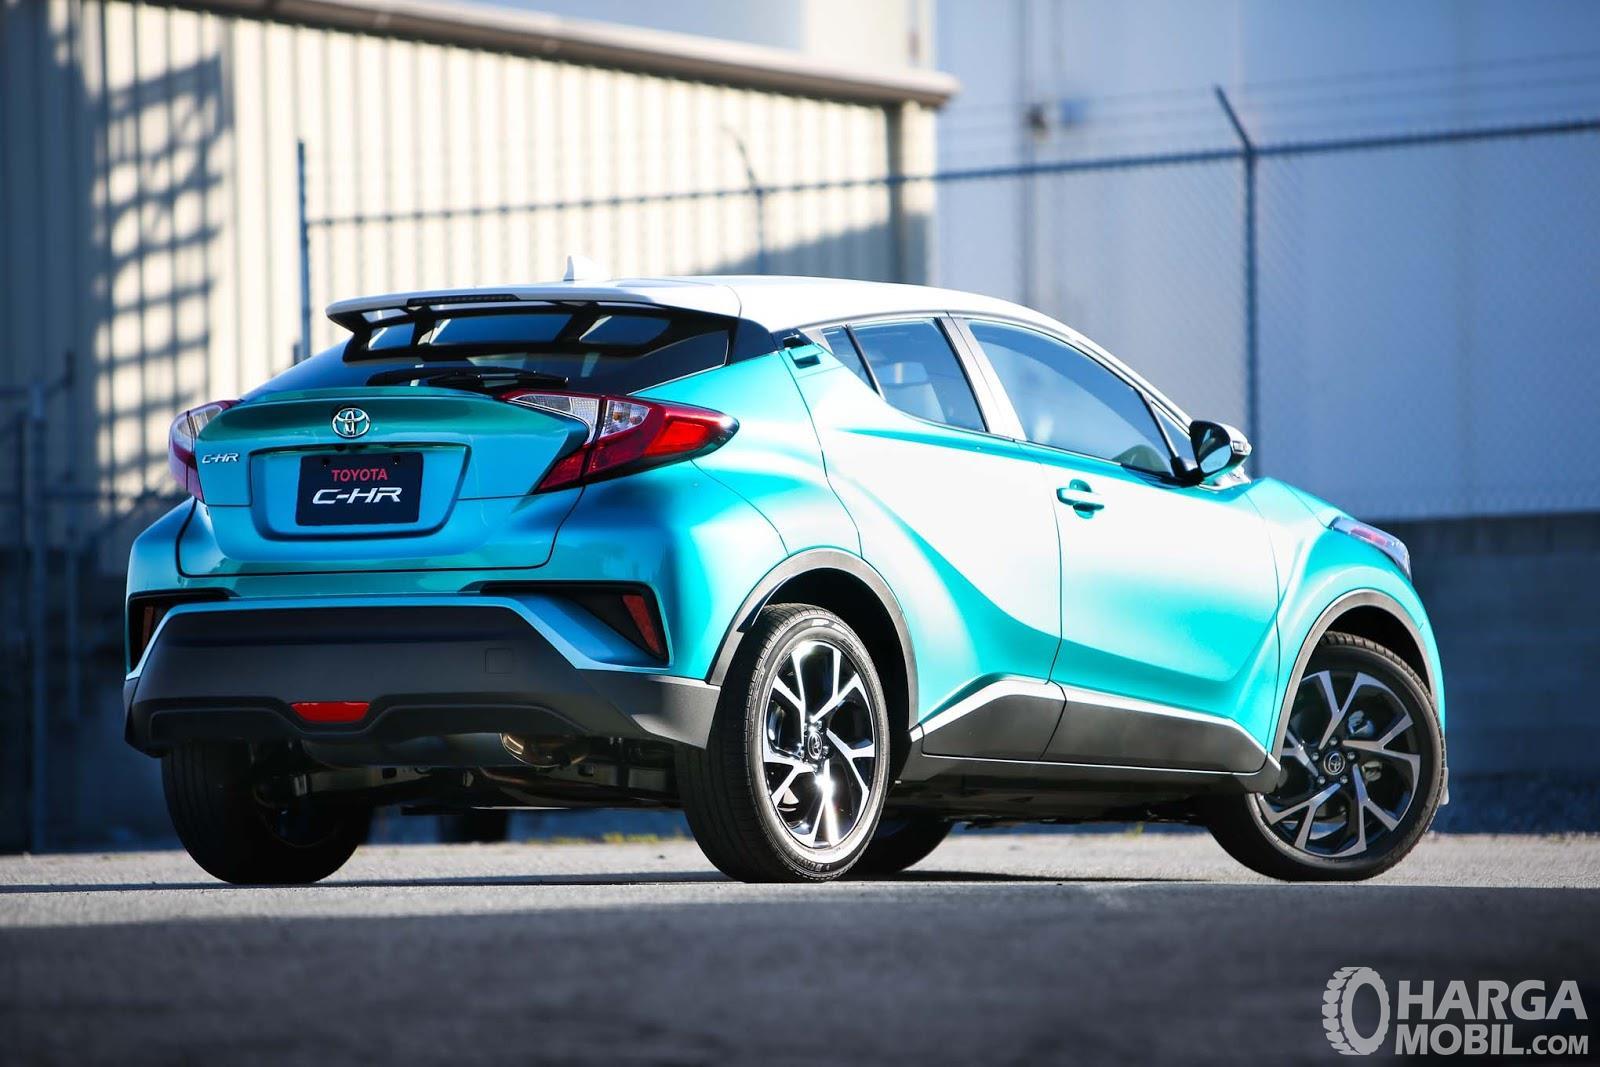 Foto Toyota C-HR tampak dari samping belakang terlihat keren